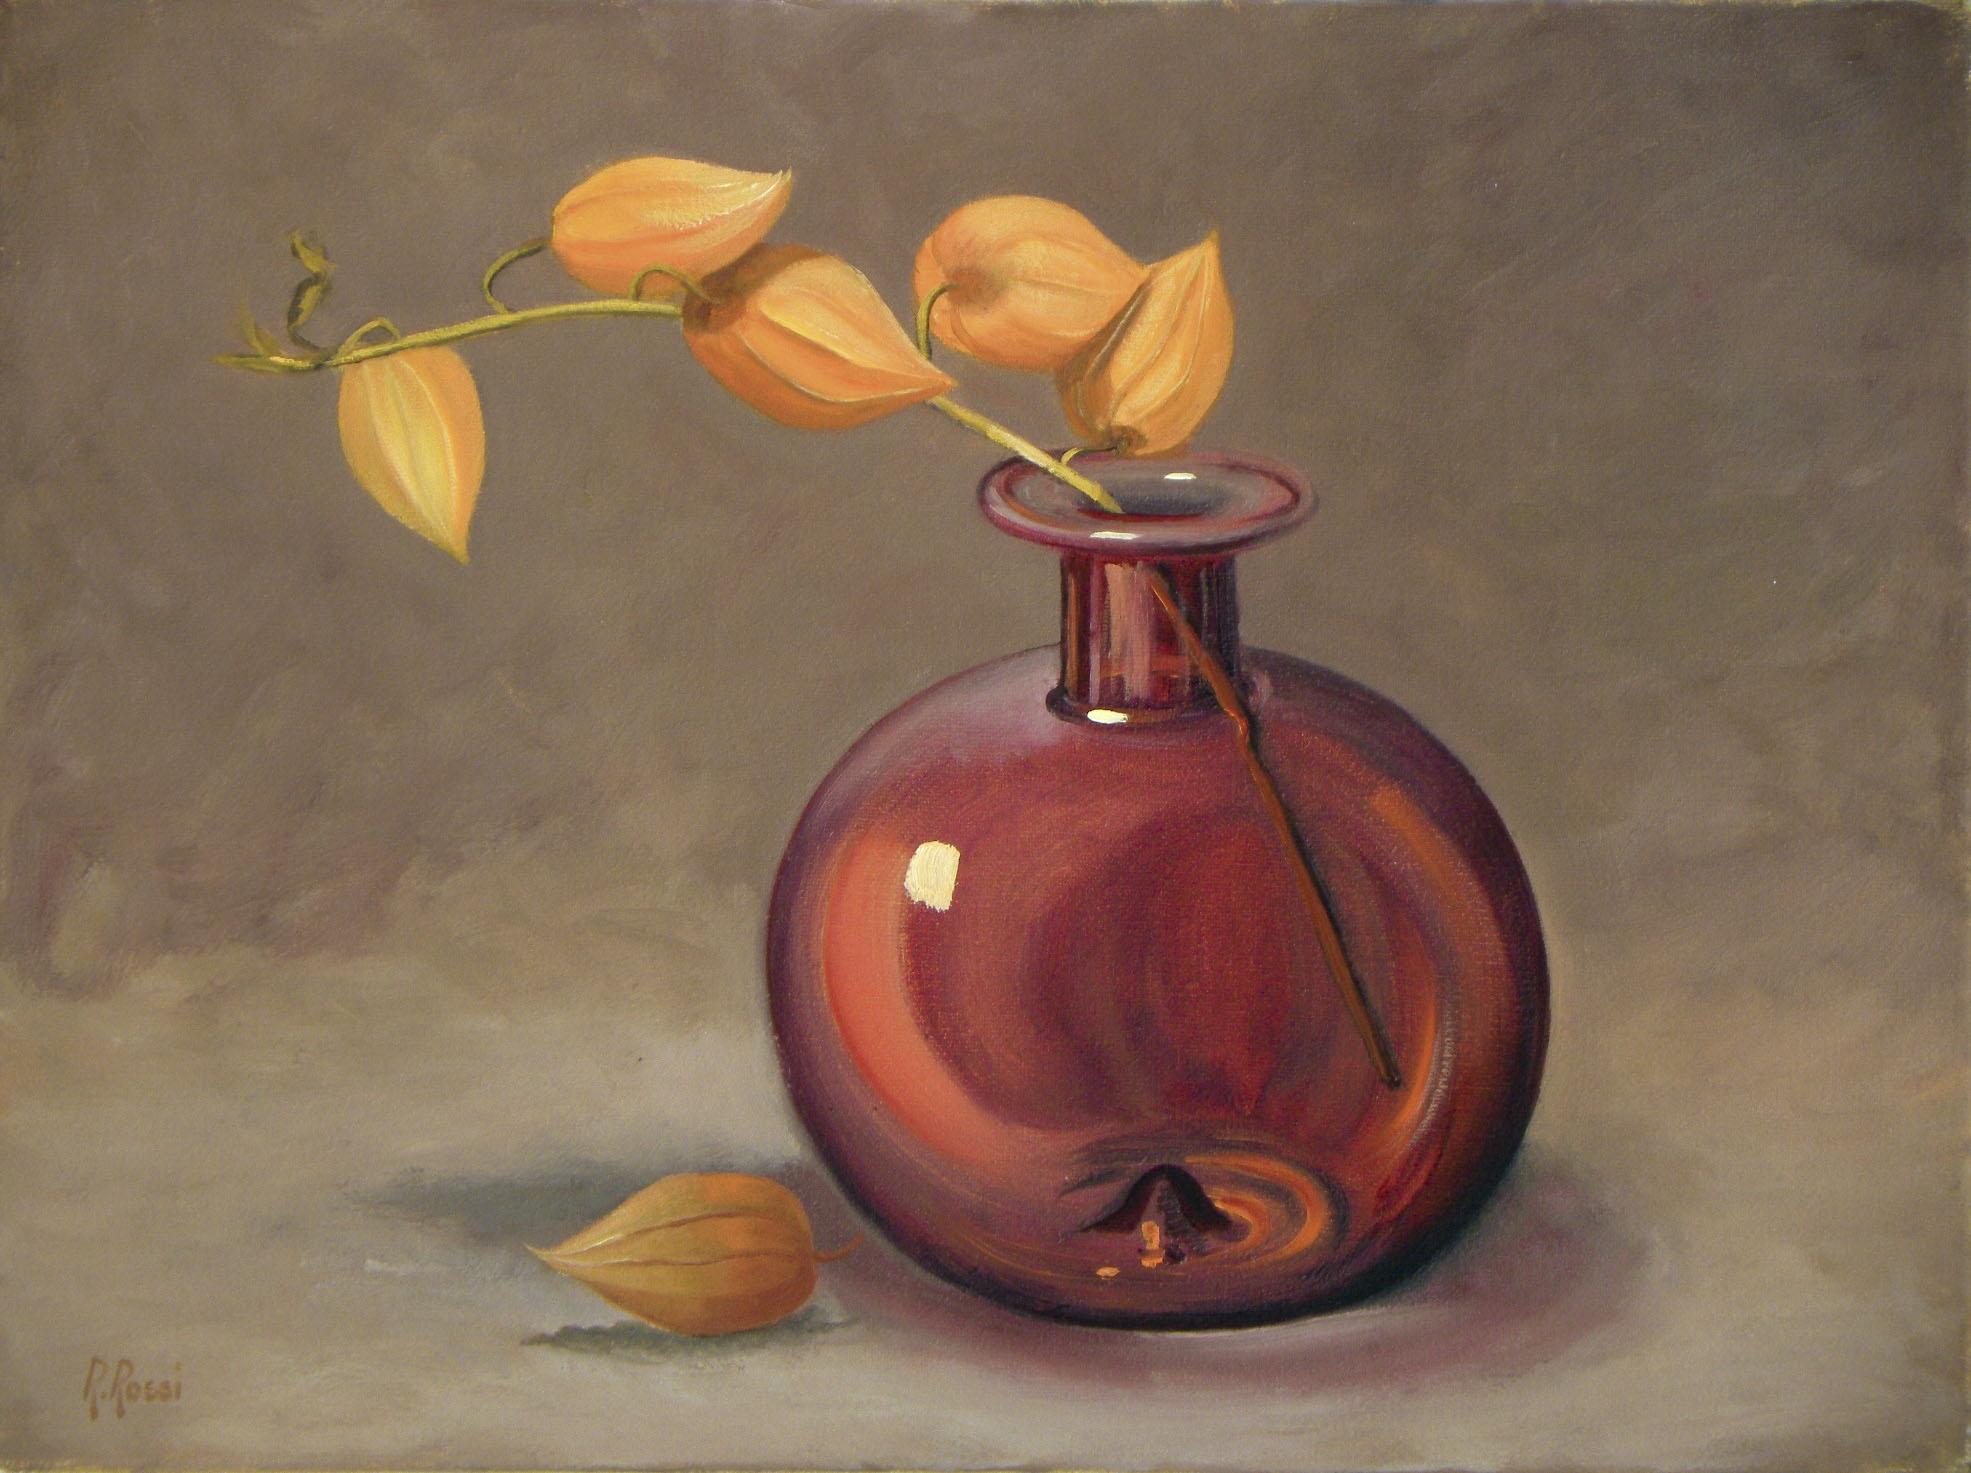 2010 roberta rossi - composizione con alchechengi - olio su tela - 18 x 24